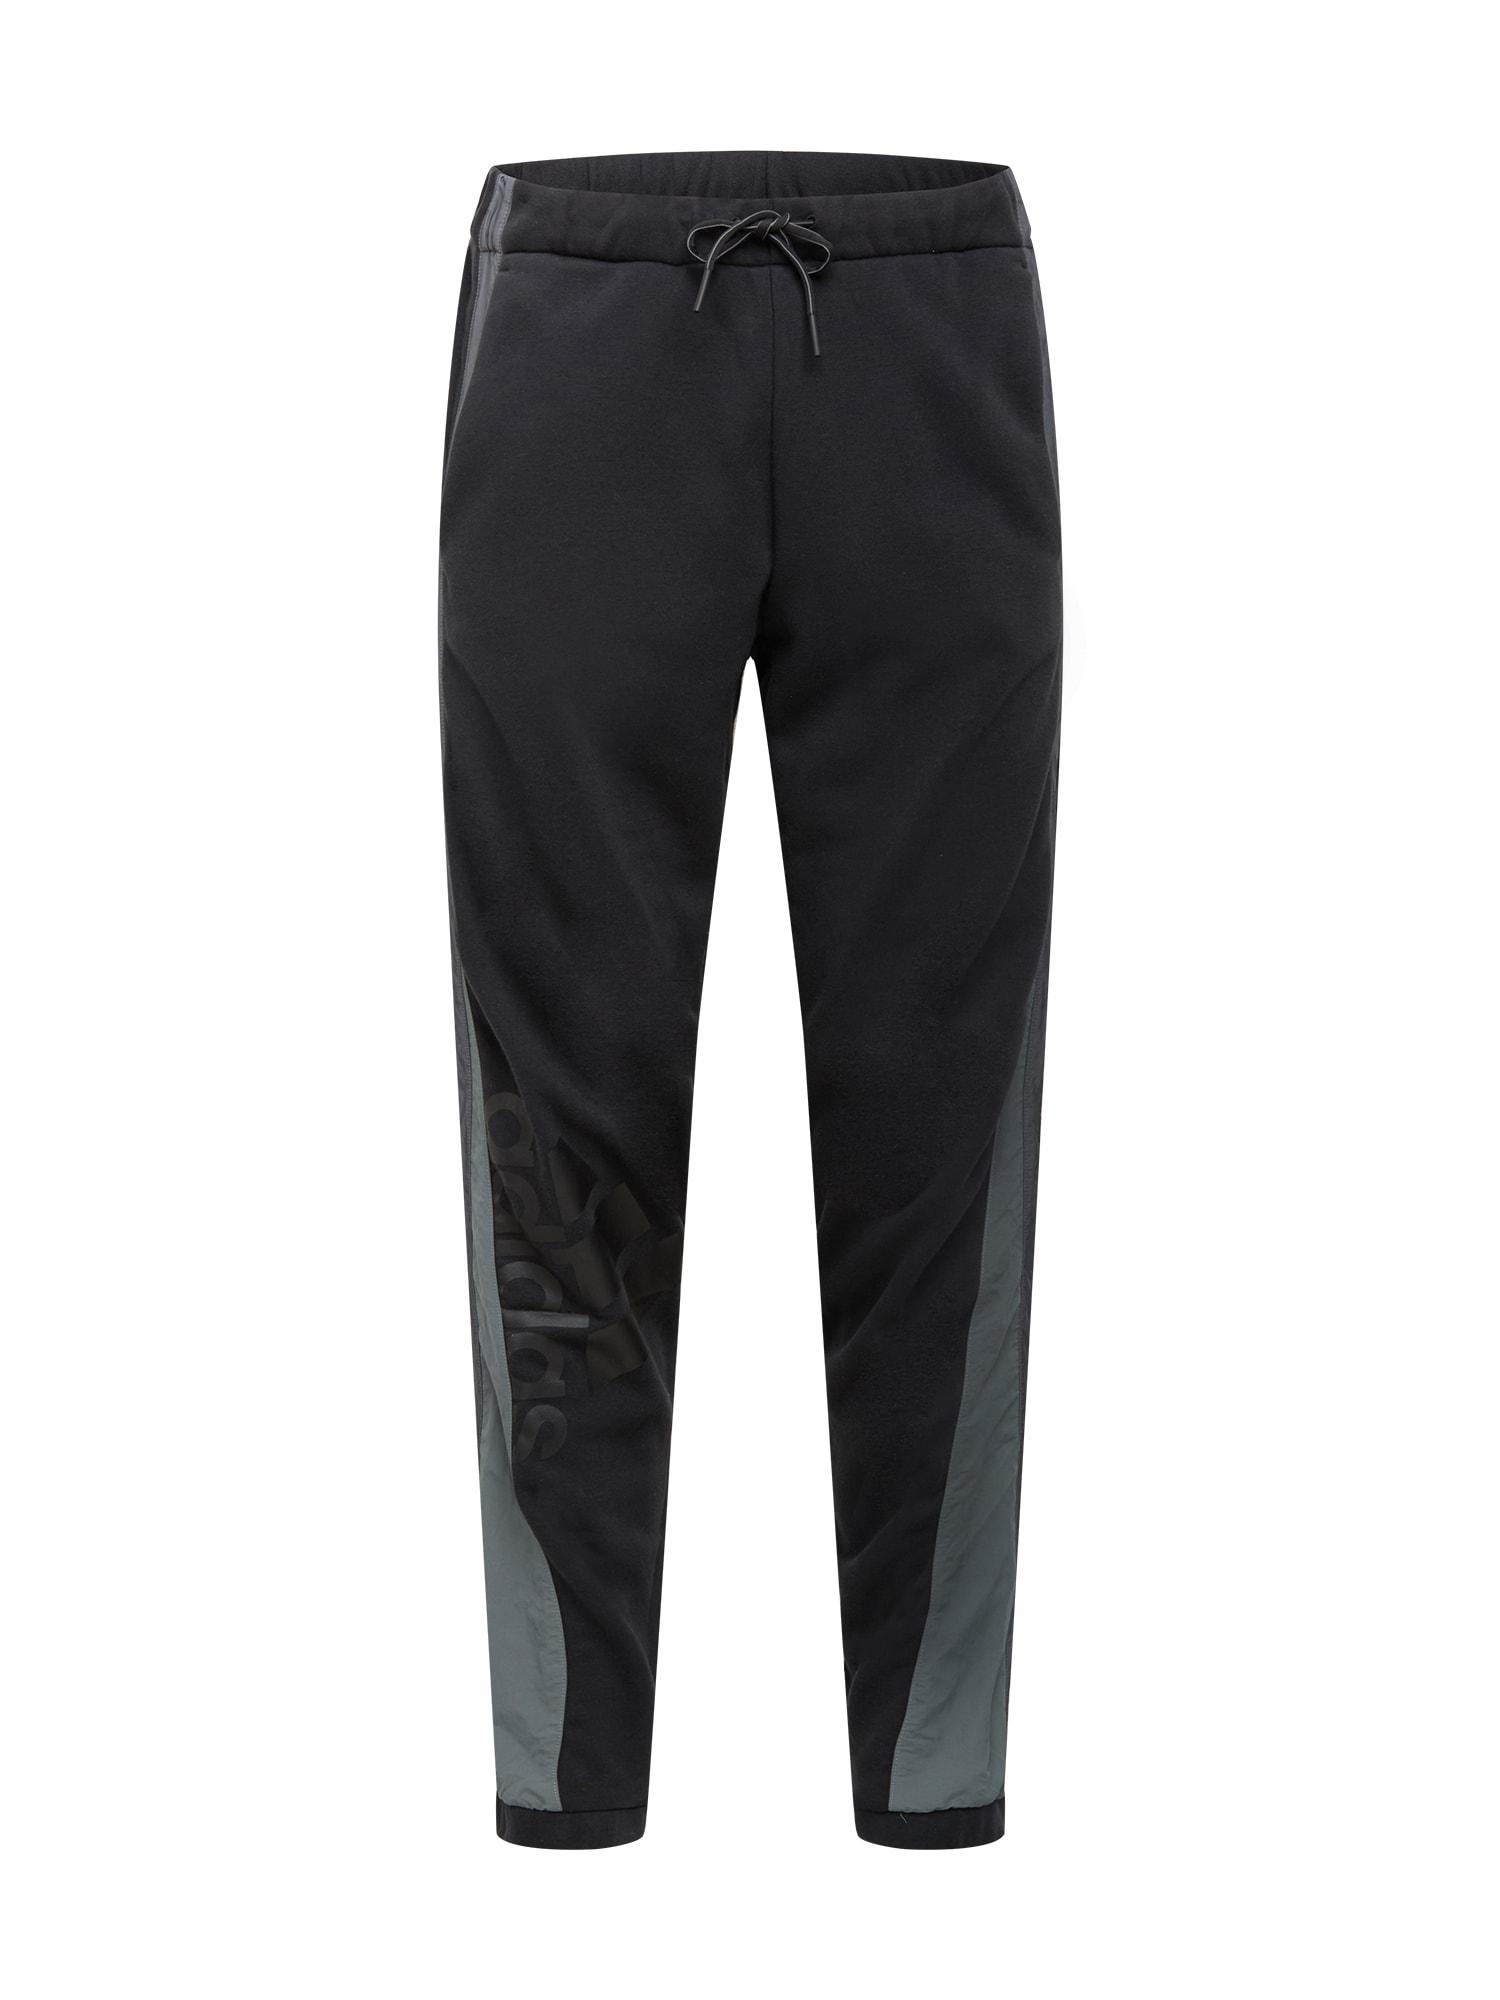 ADIDAS PERFORMANCE Sportinės kelnės juoda / pilka / tamsiai pilka